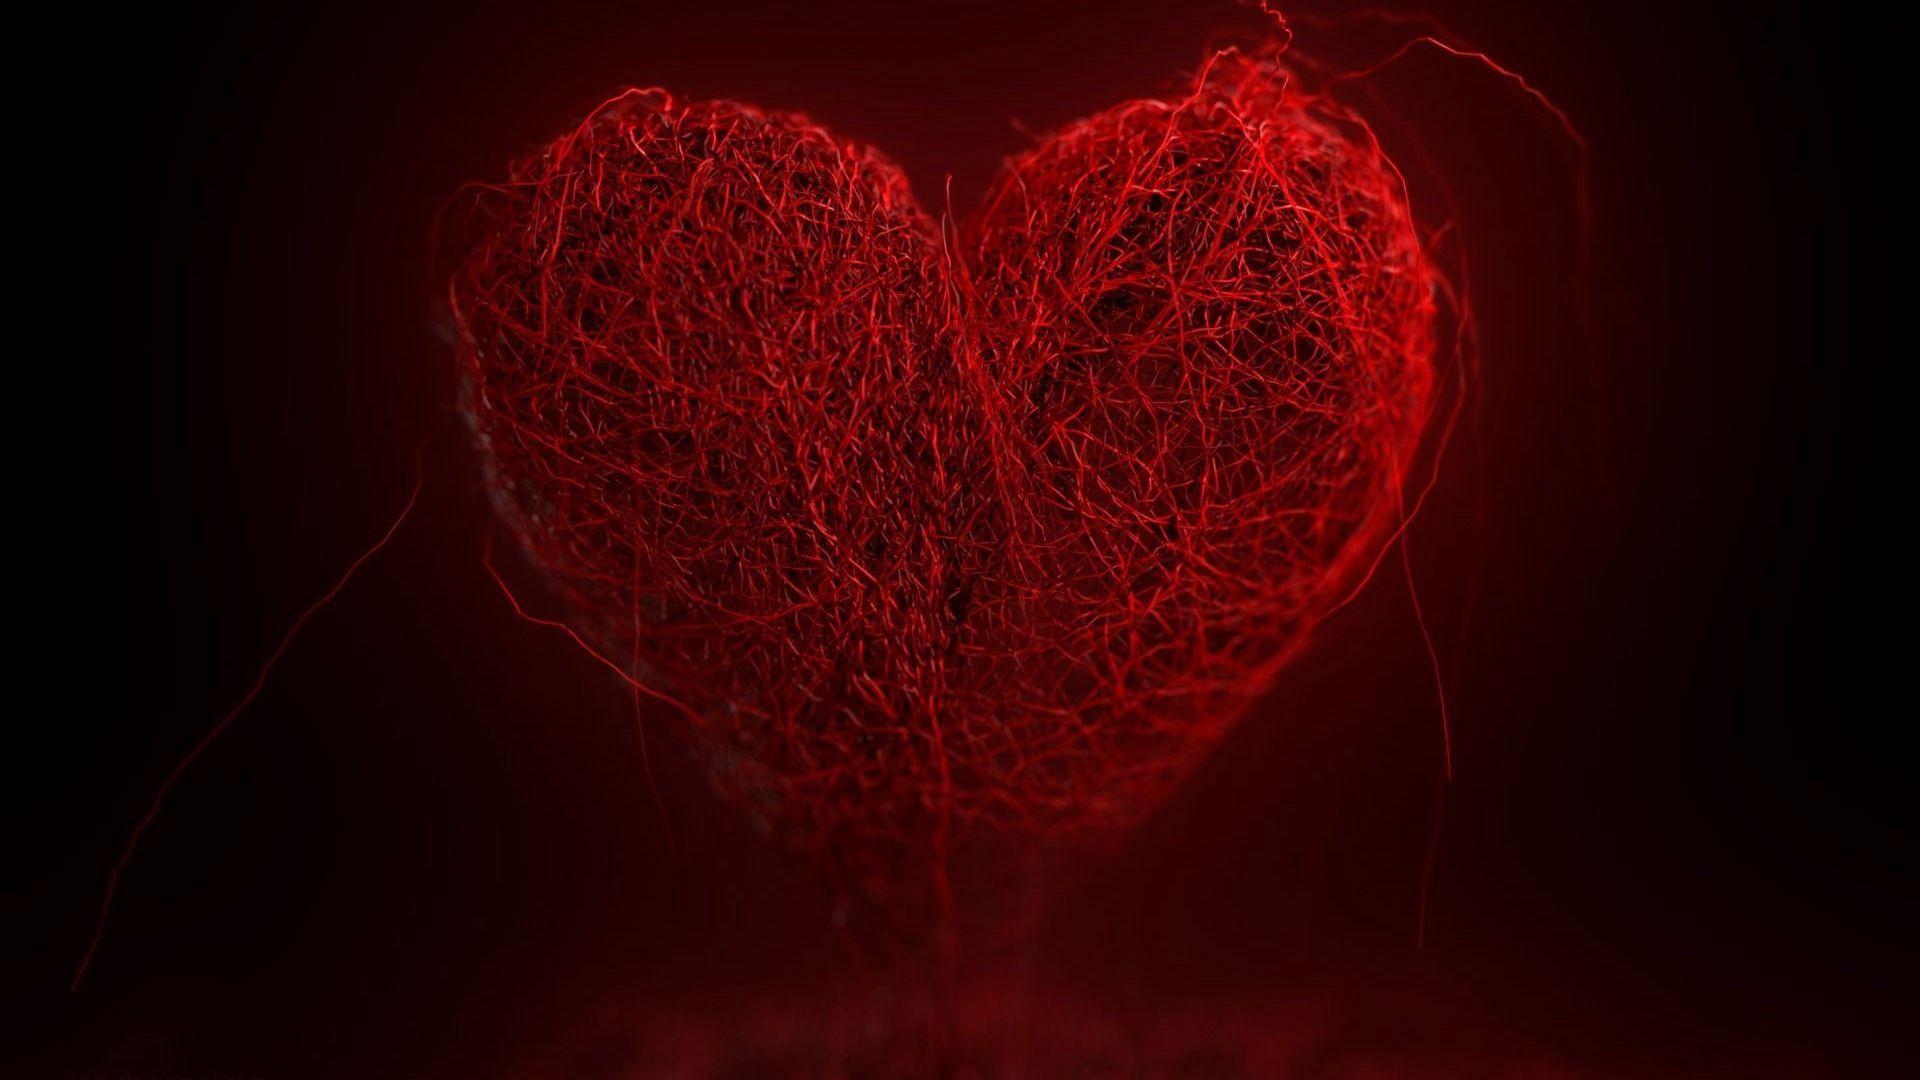 Heart wallpaper for laptop